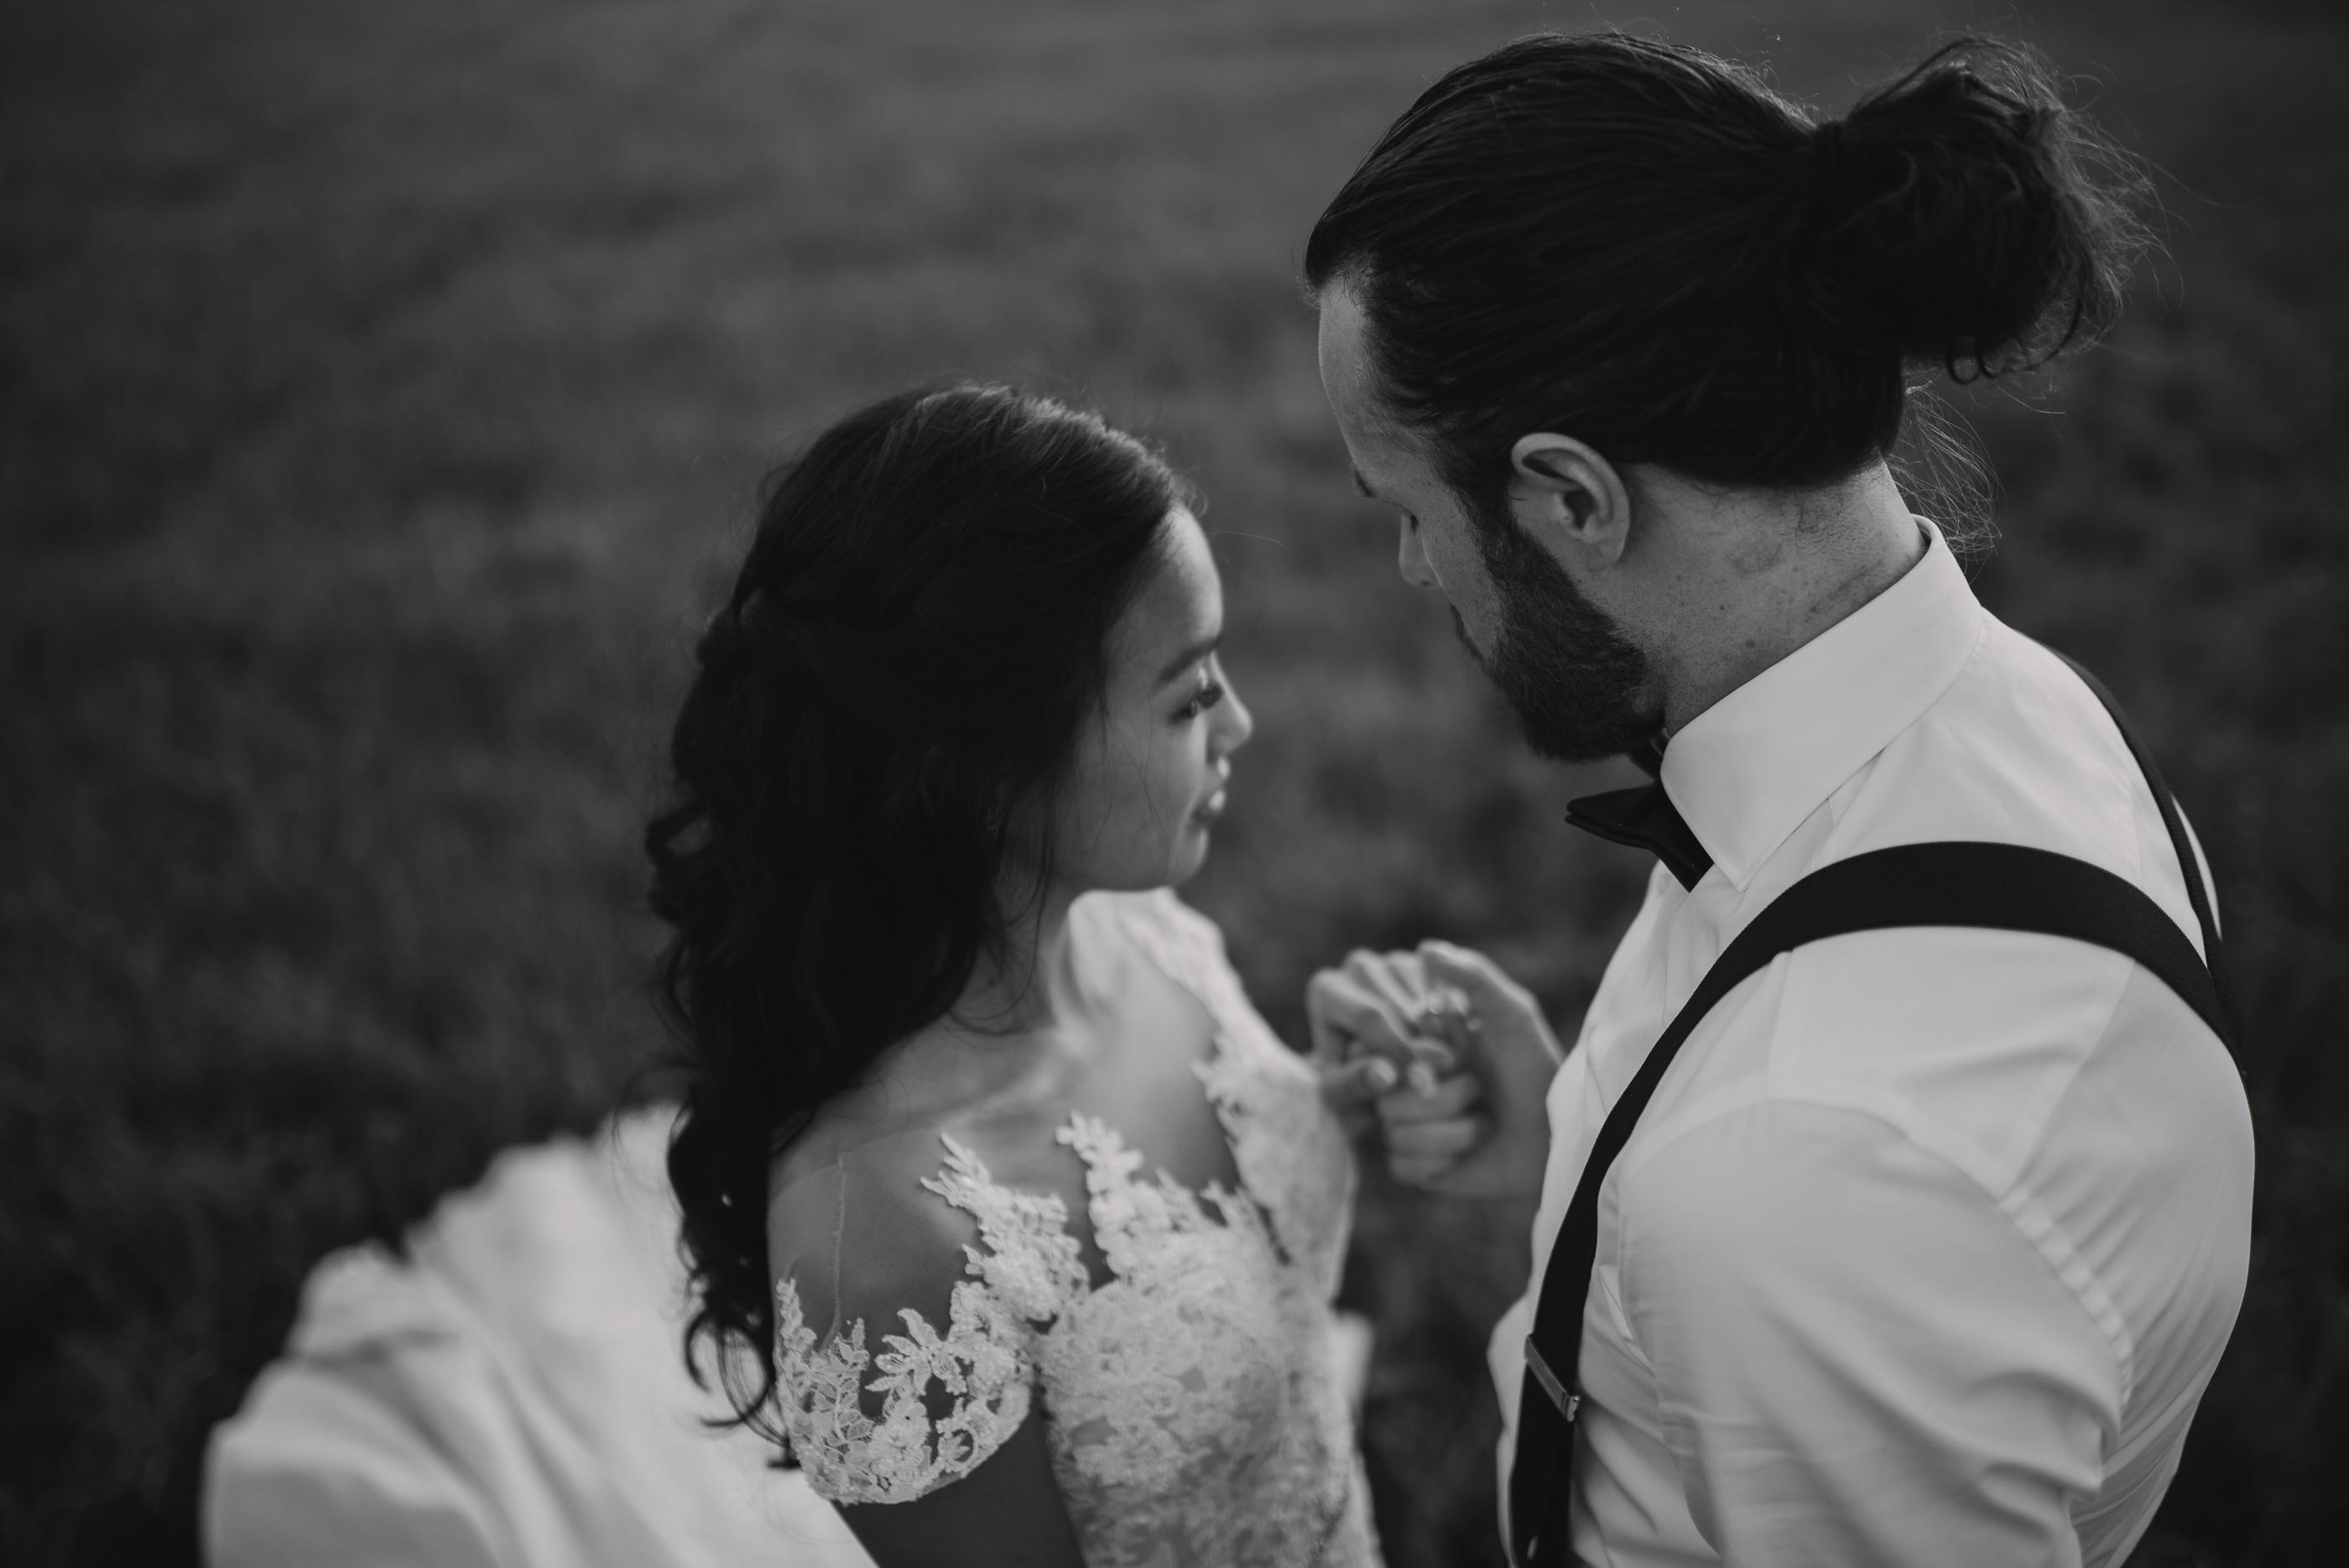 Anoukfotografeert- Danny & Vivian-441